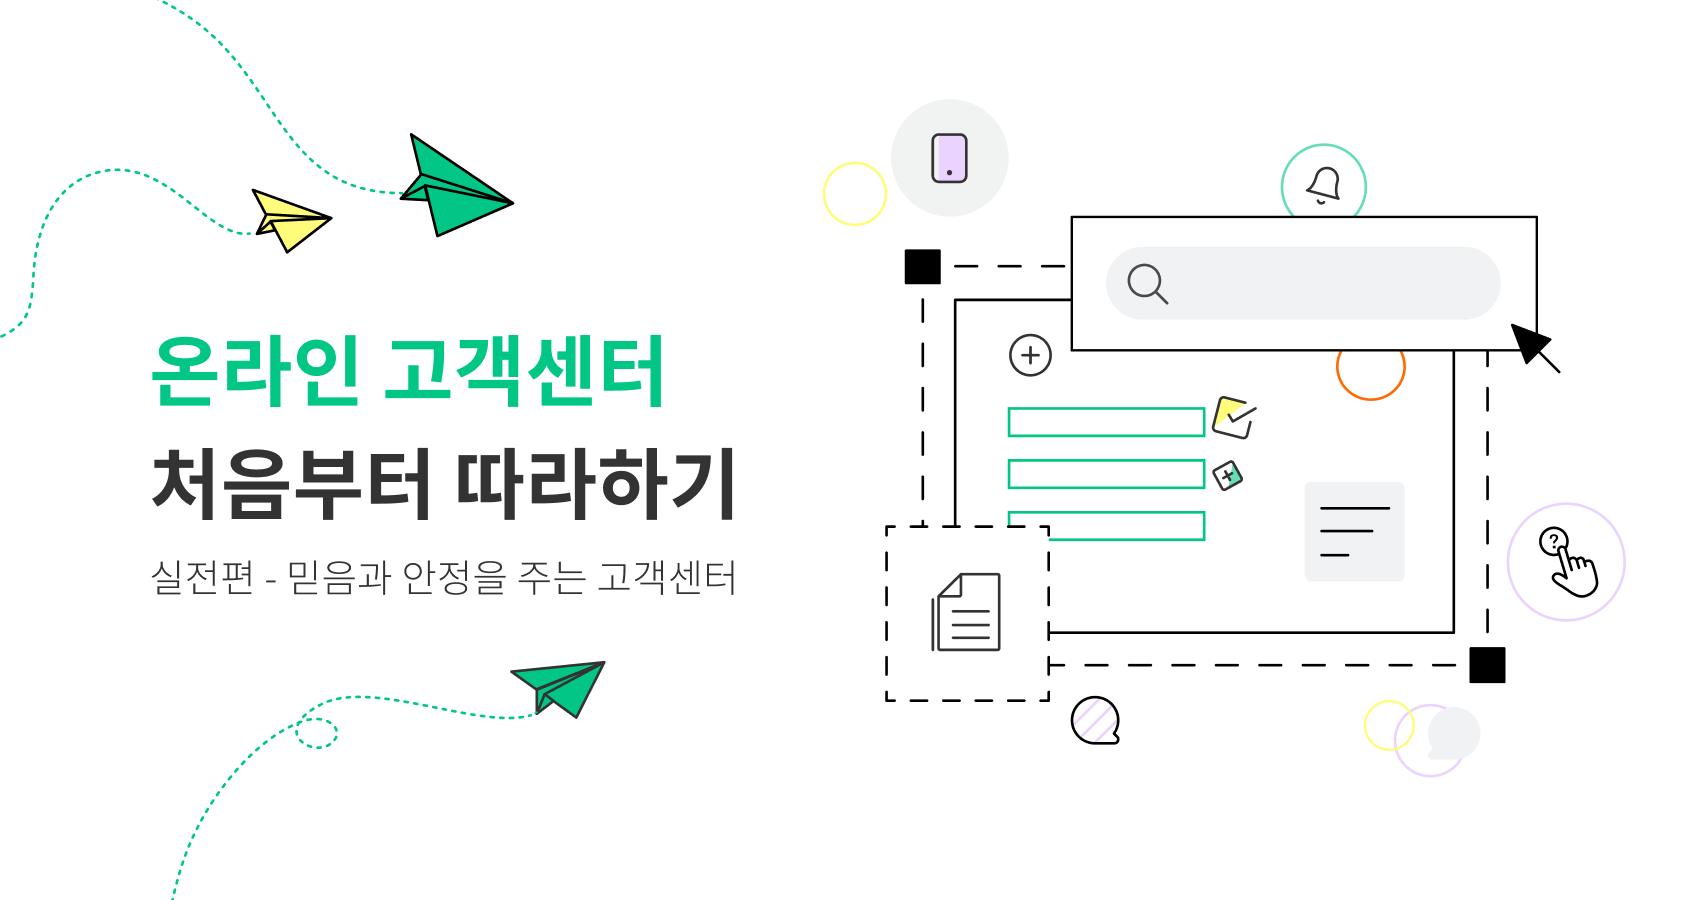 #7_블로그 온라인 고객센터 구축 가이드_실전편_cover